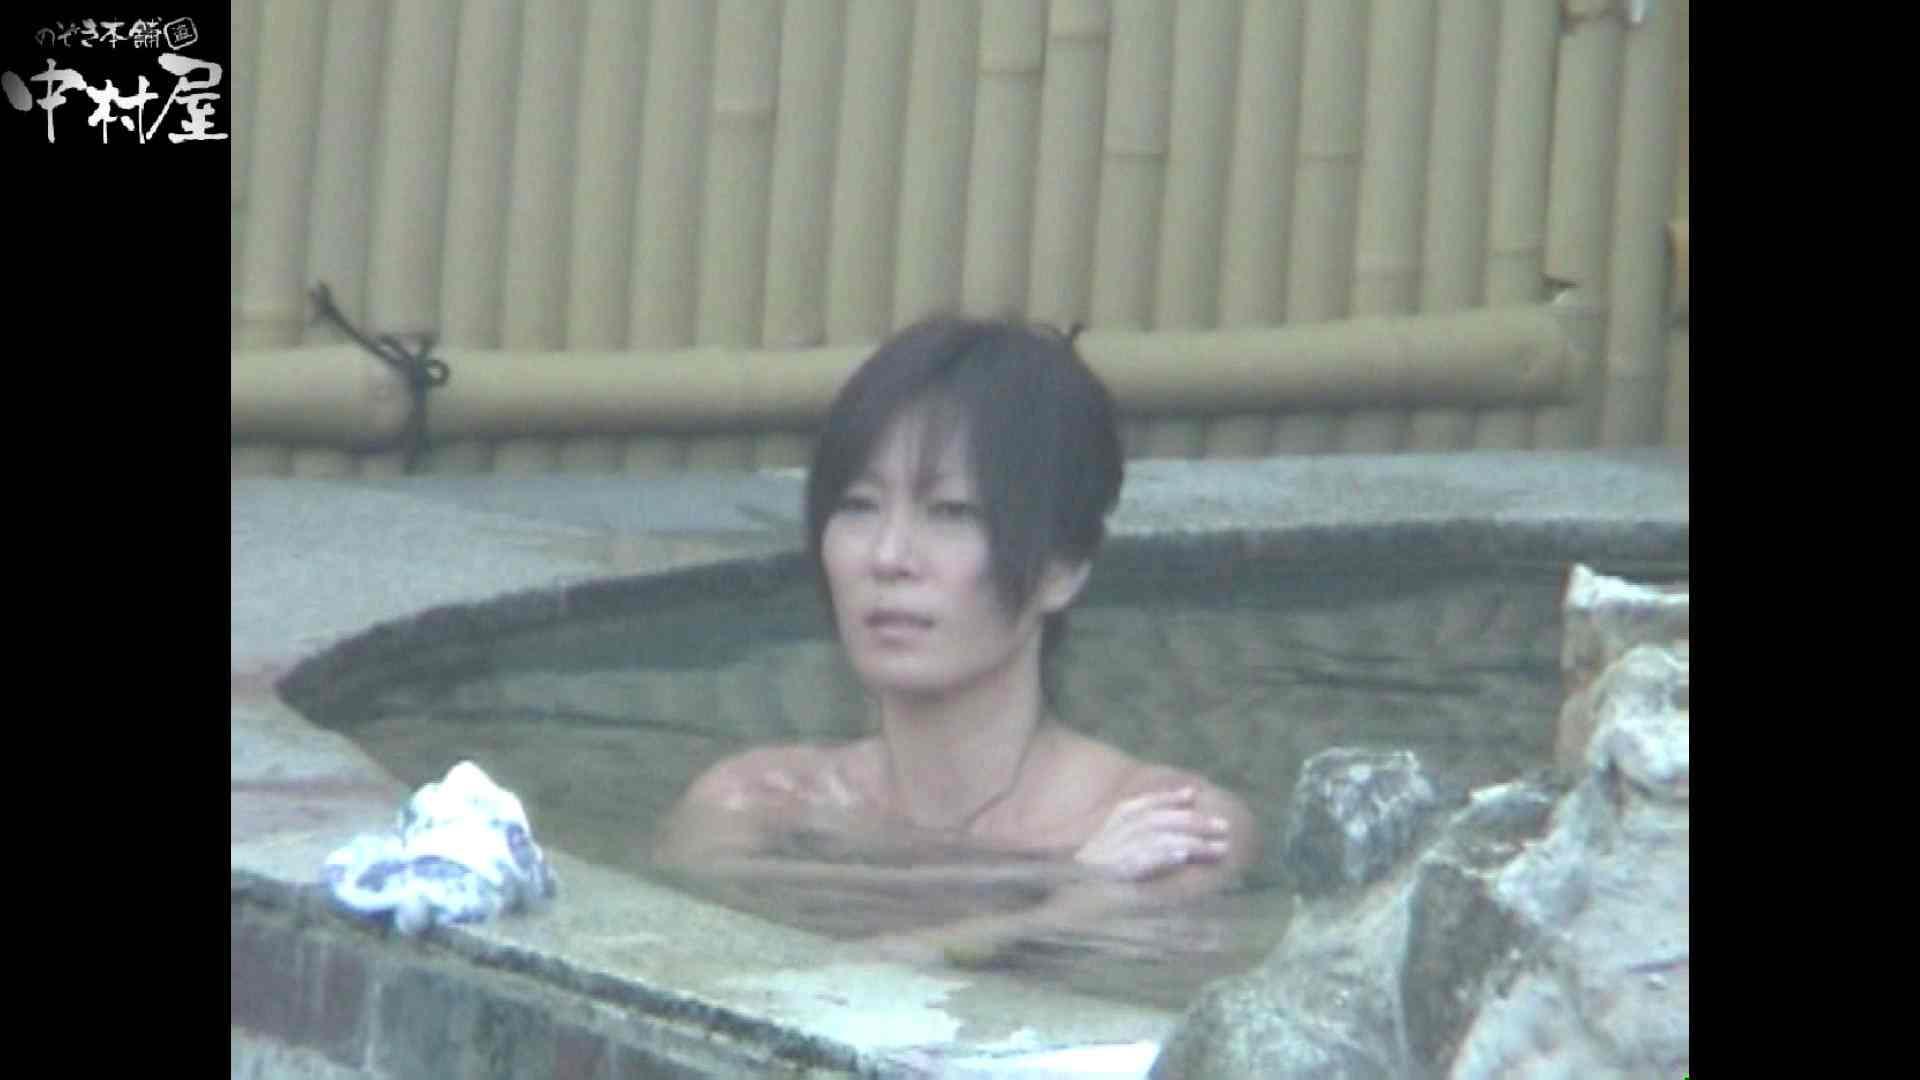 Aquaな露天風呂Vol.972 OLのエロ生活  105連発 72